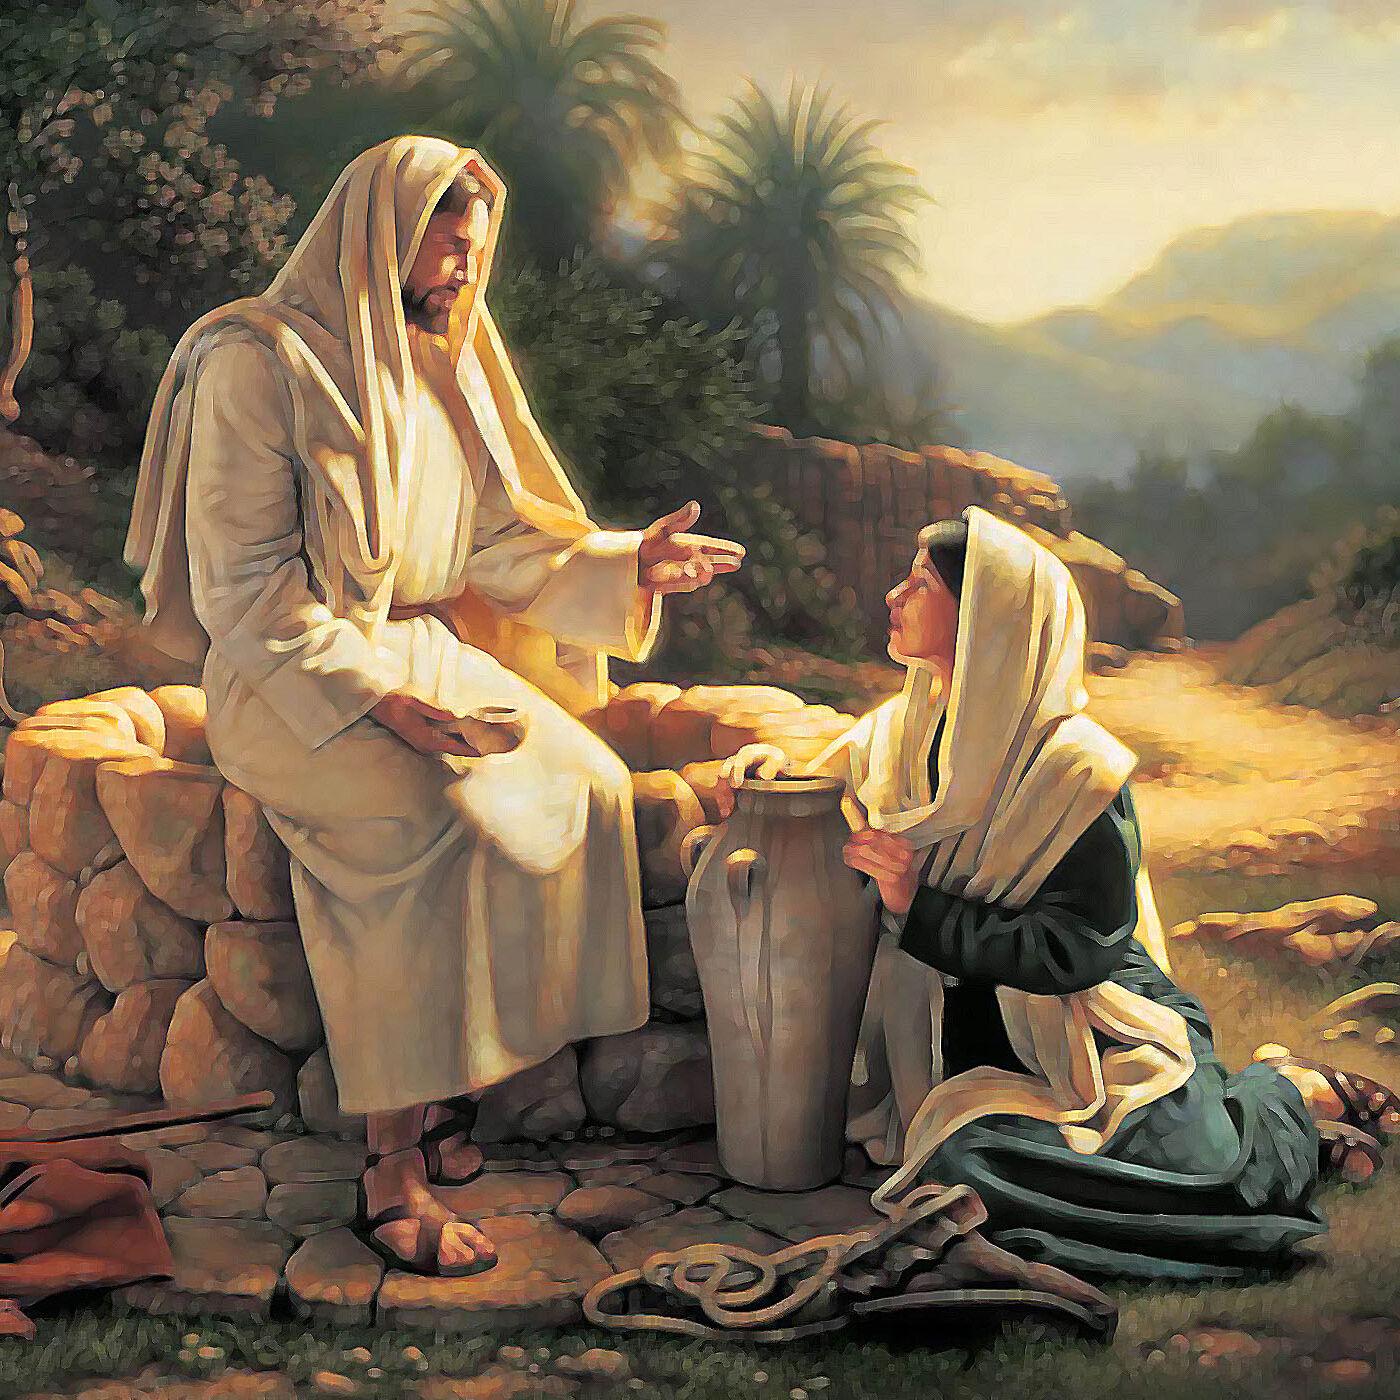 riflessioni sul Vangelo di Giovedì 3 Giugno 2021 (Mc 12, 28-34) - Apostola Michela